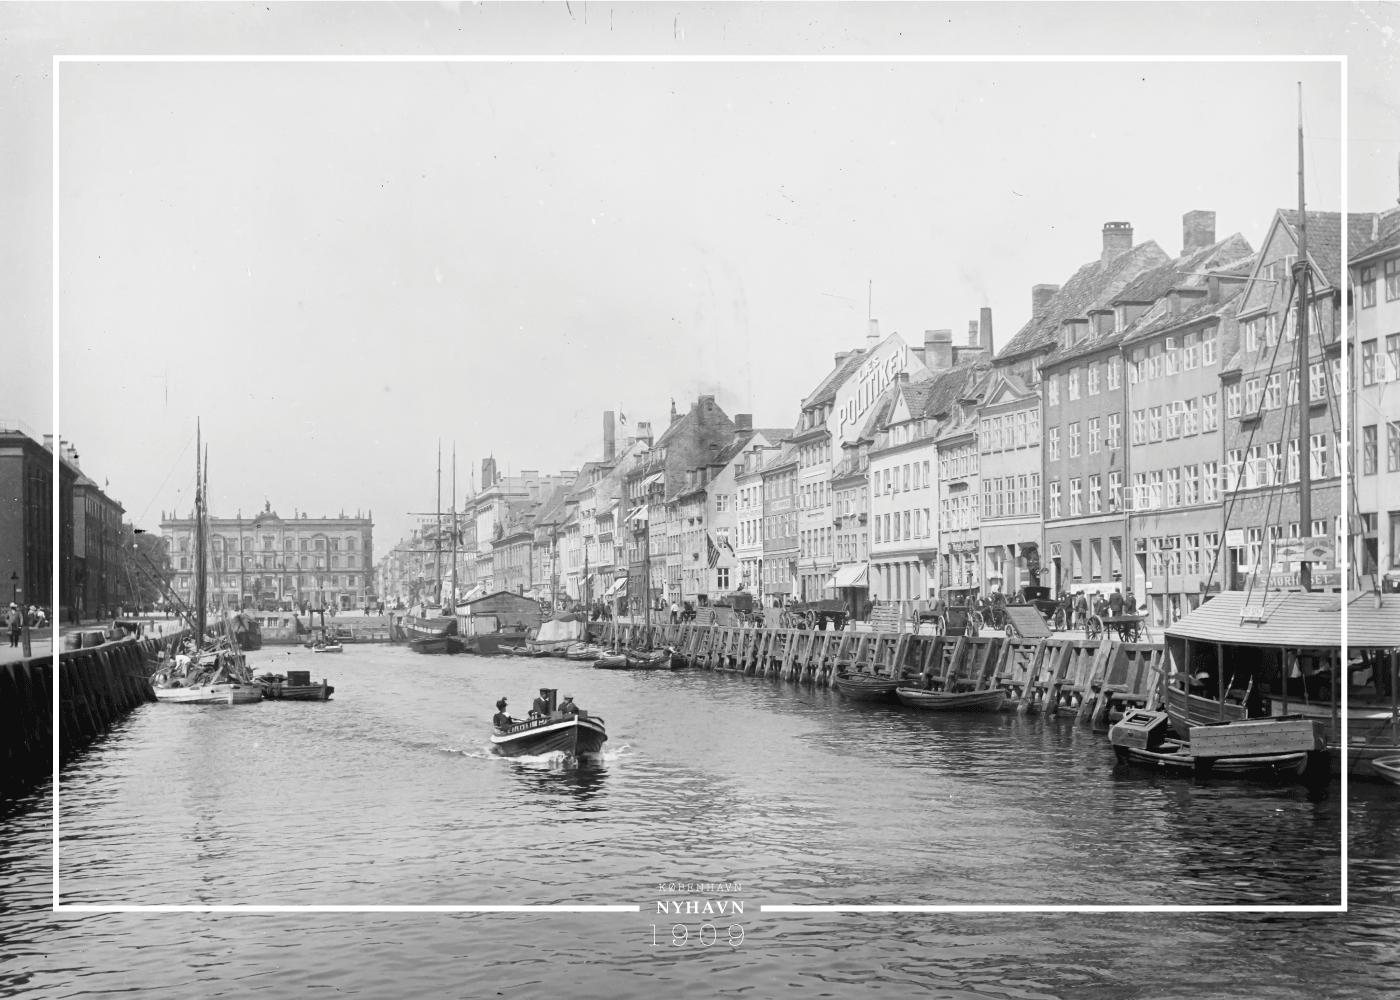 Køb Nyhavn & d'Angleterre – Gamle billeder af København plakat